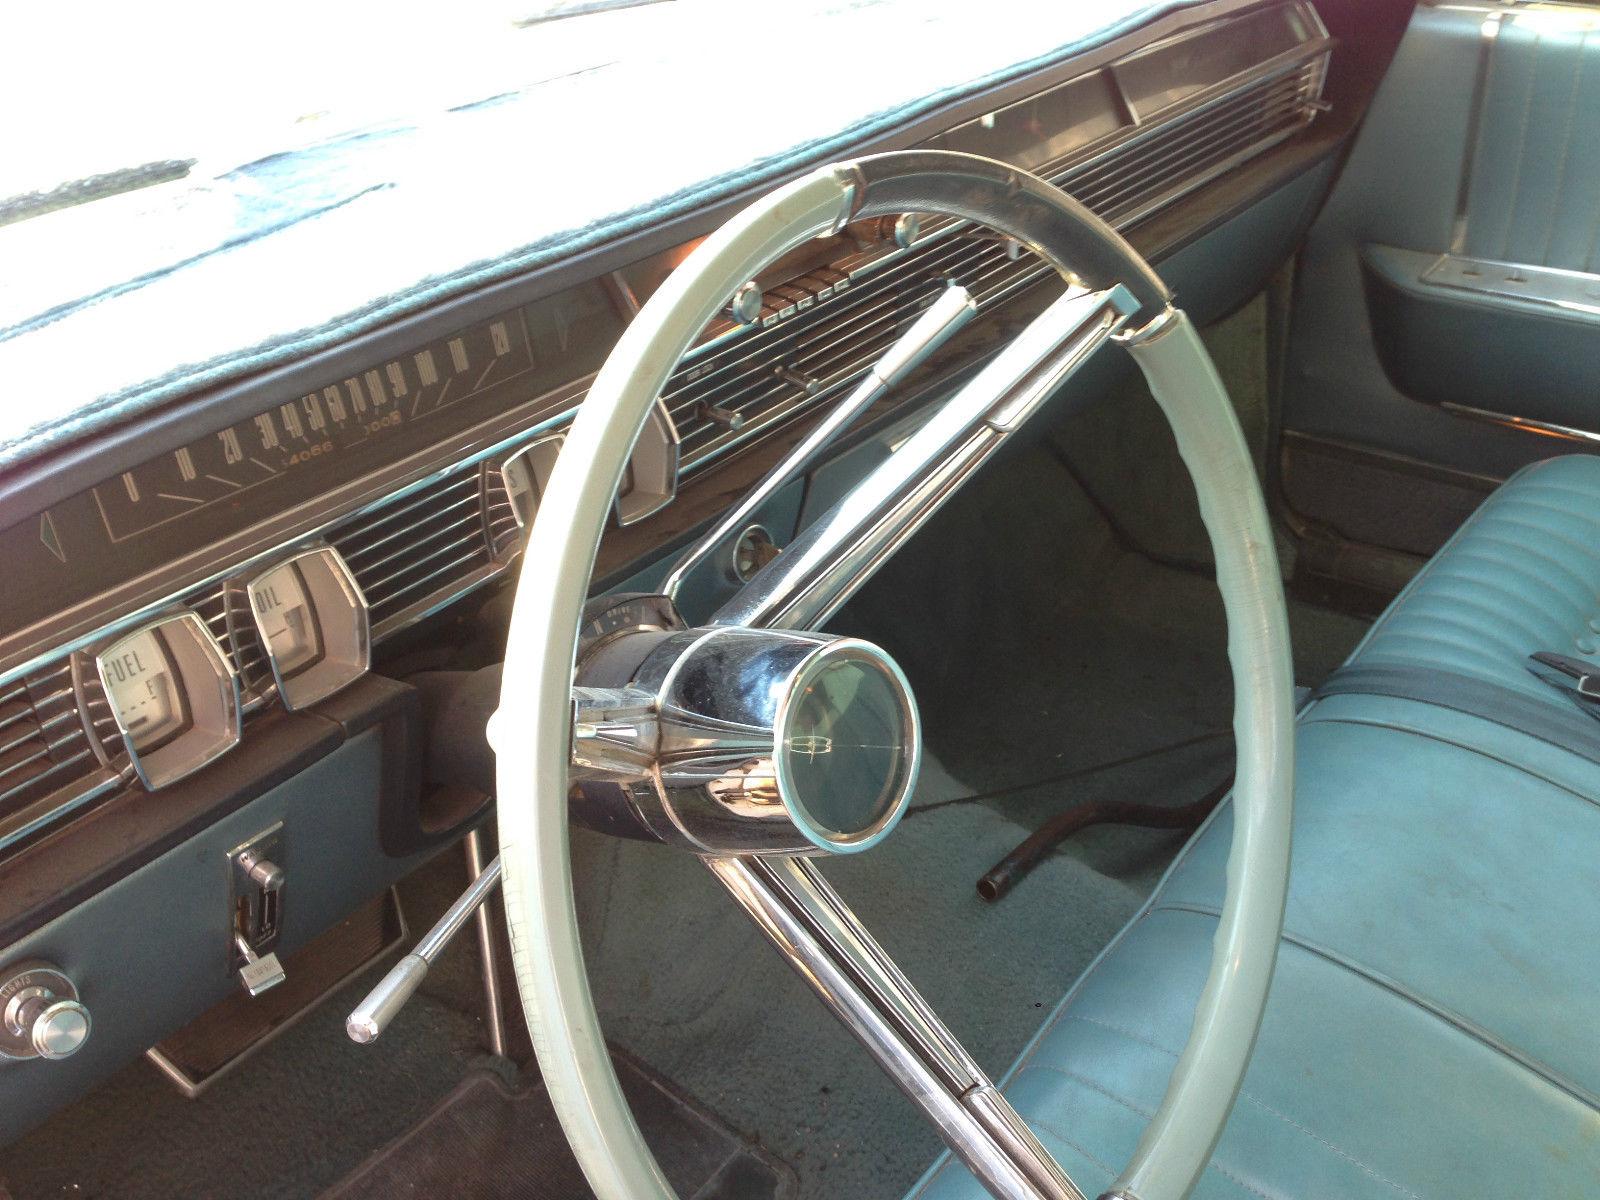 square shouldered 1964 lincoln continental hardtop sedan. Black Bedroom Furniture Sets. Home Design Ideas